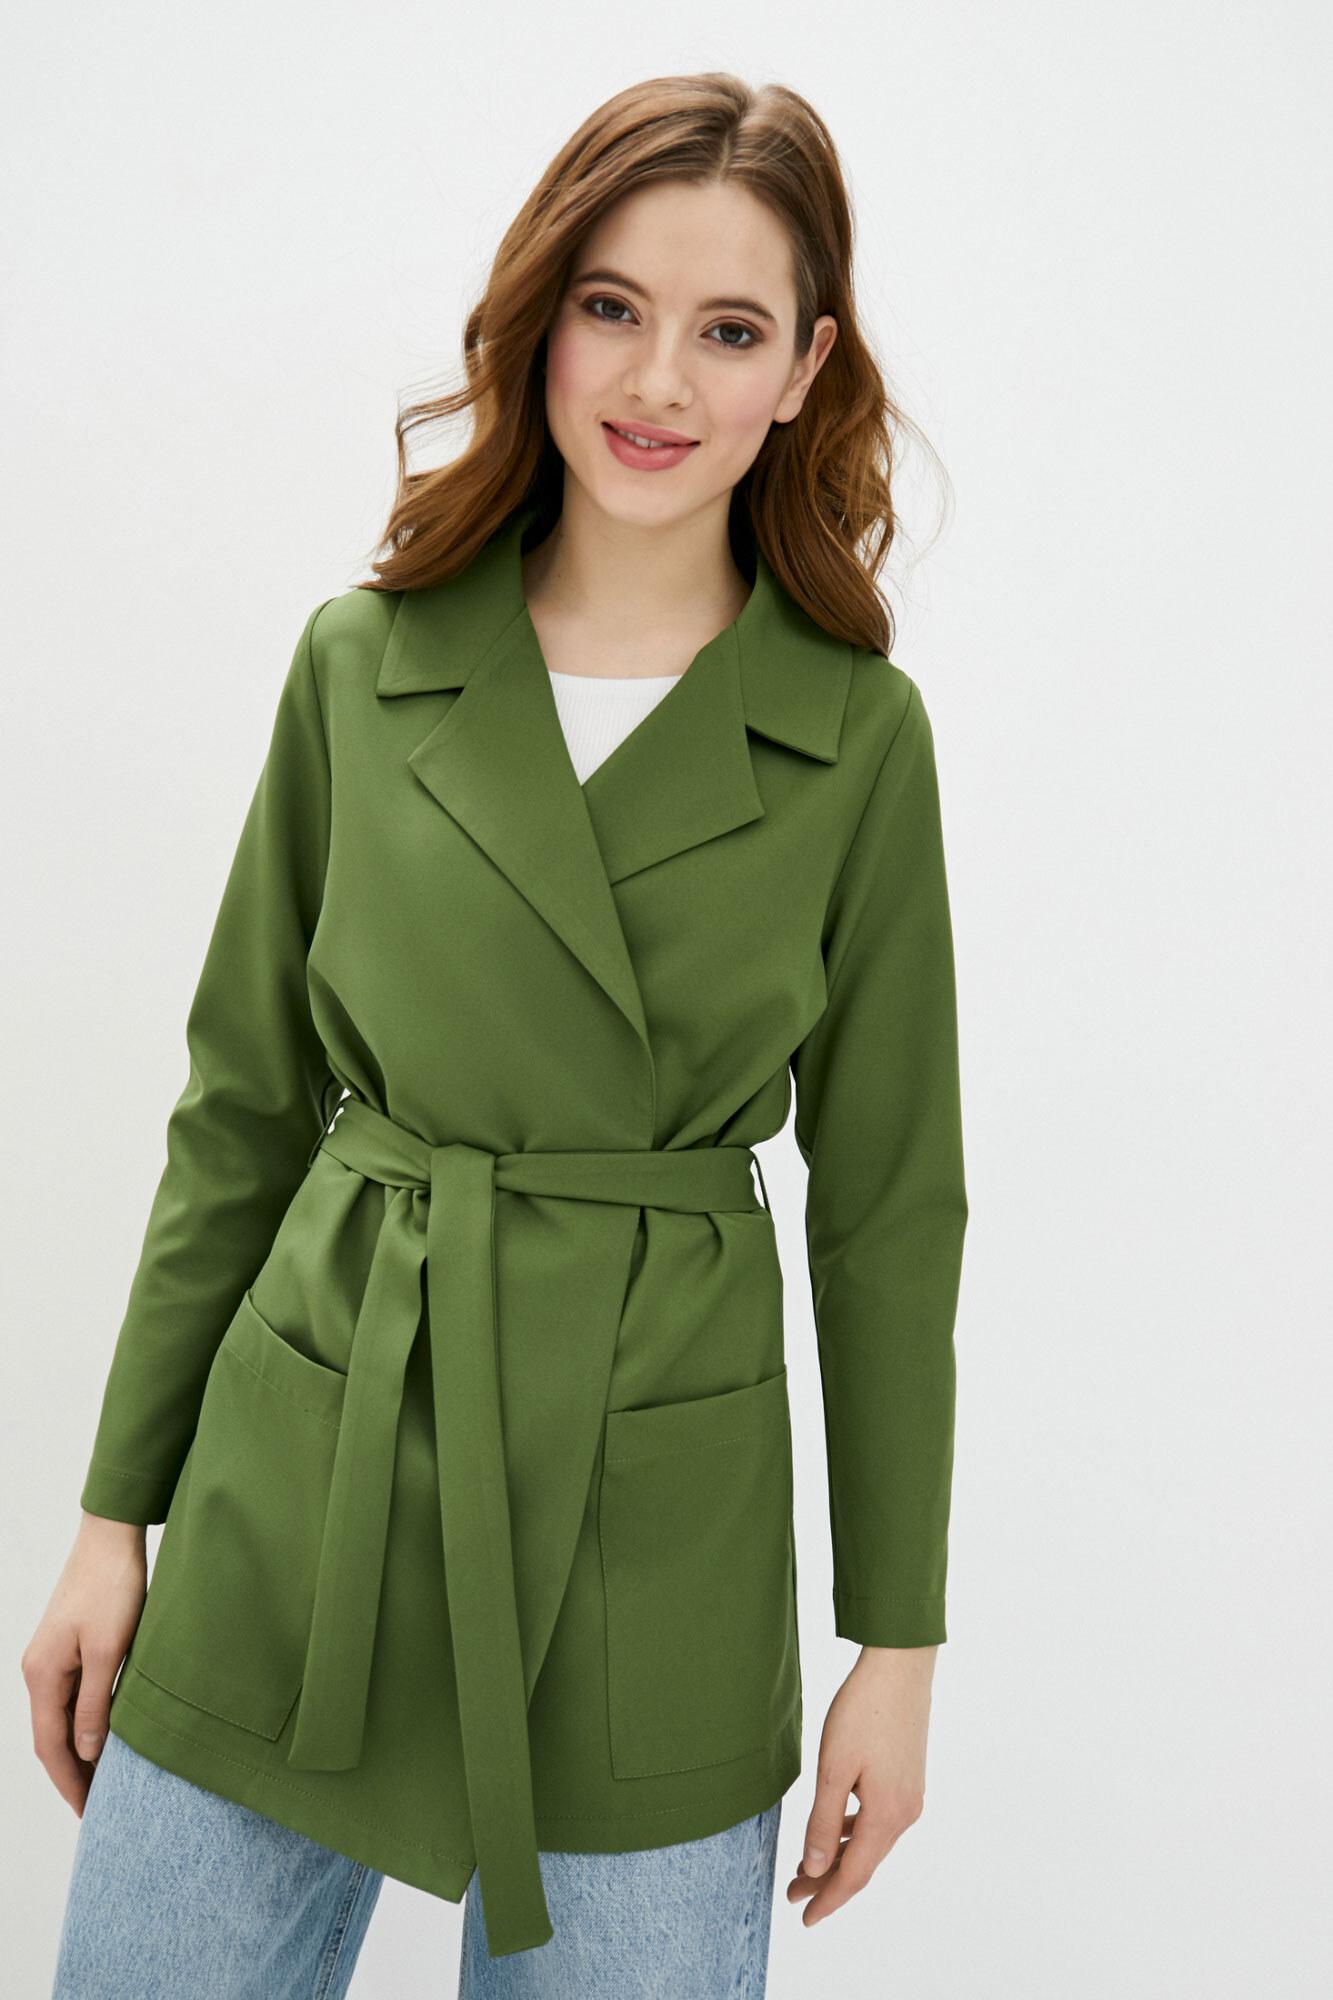 Длинный пиджак без застежек зеленого цвета GEN